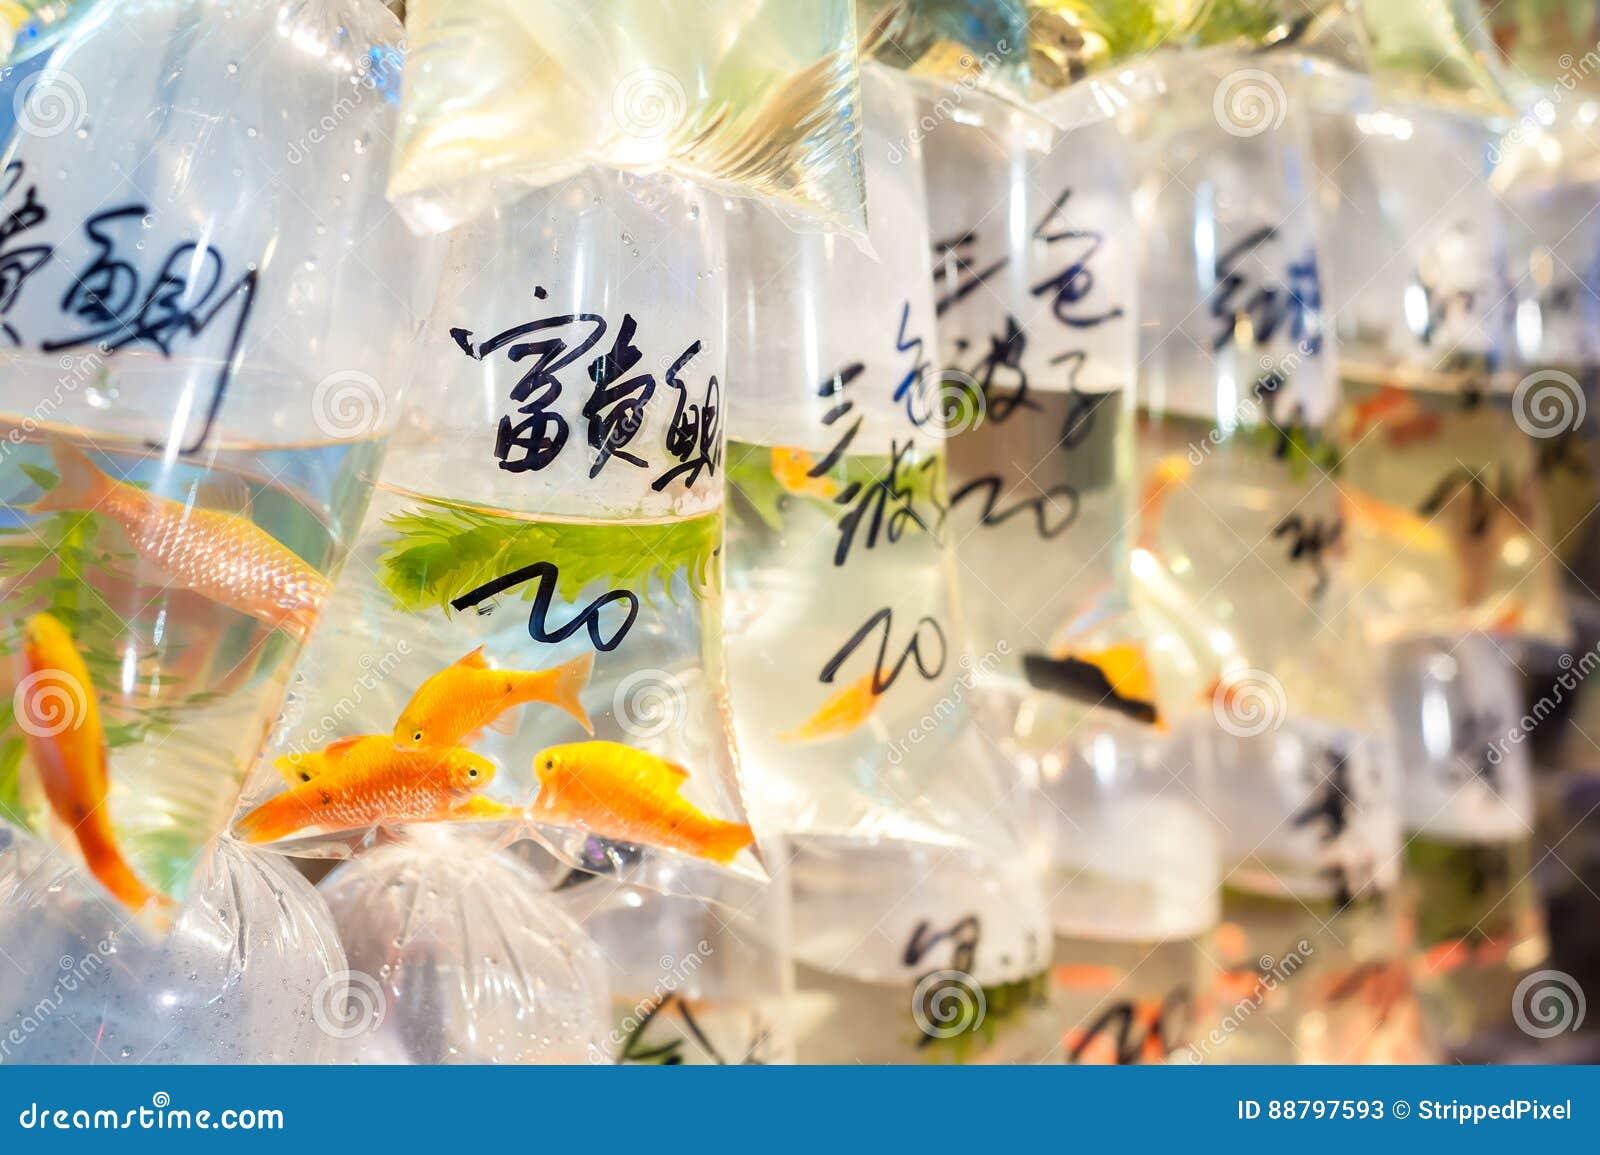 热带鱼待售在香港` s通菜街金鱼市场,旺角,香港上